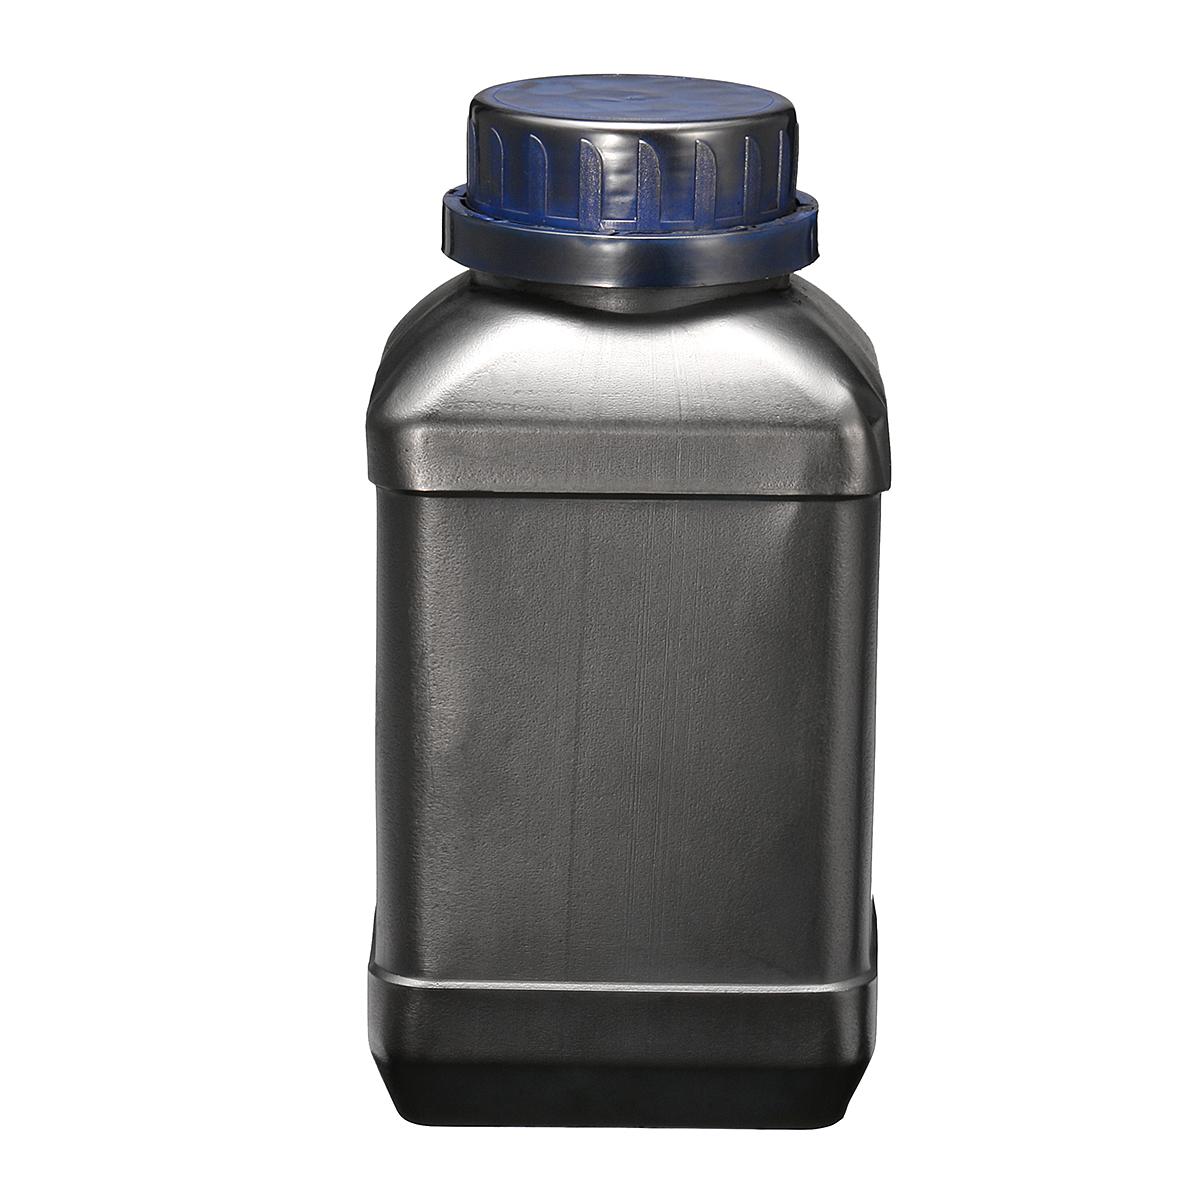 350 г Порошок черного графита 5 Микрона ультра тонкий 99,9% Чистый Военный Сорт - фото 7